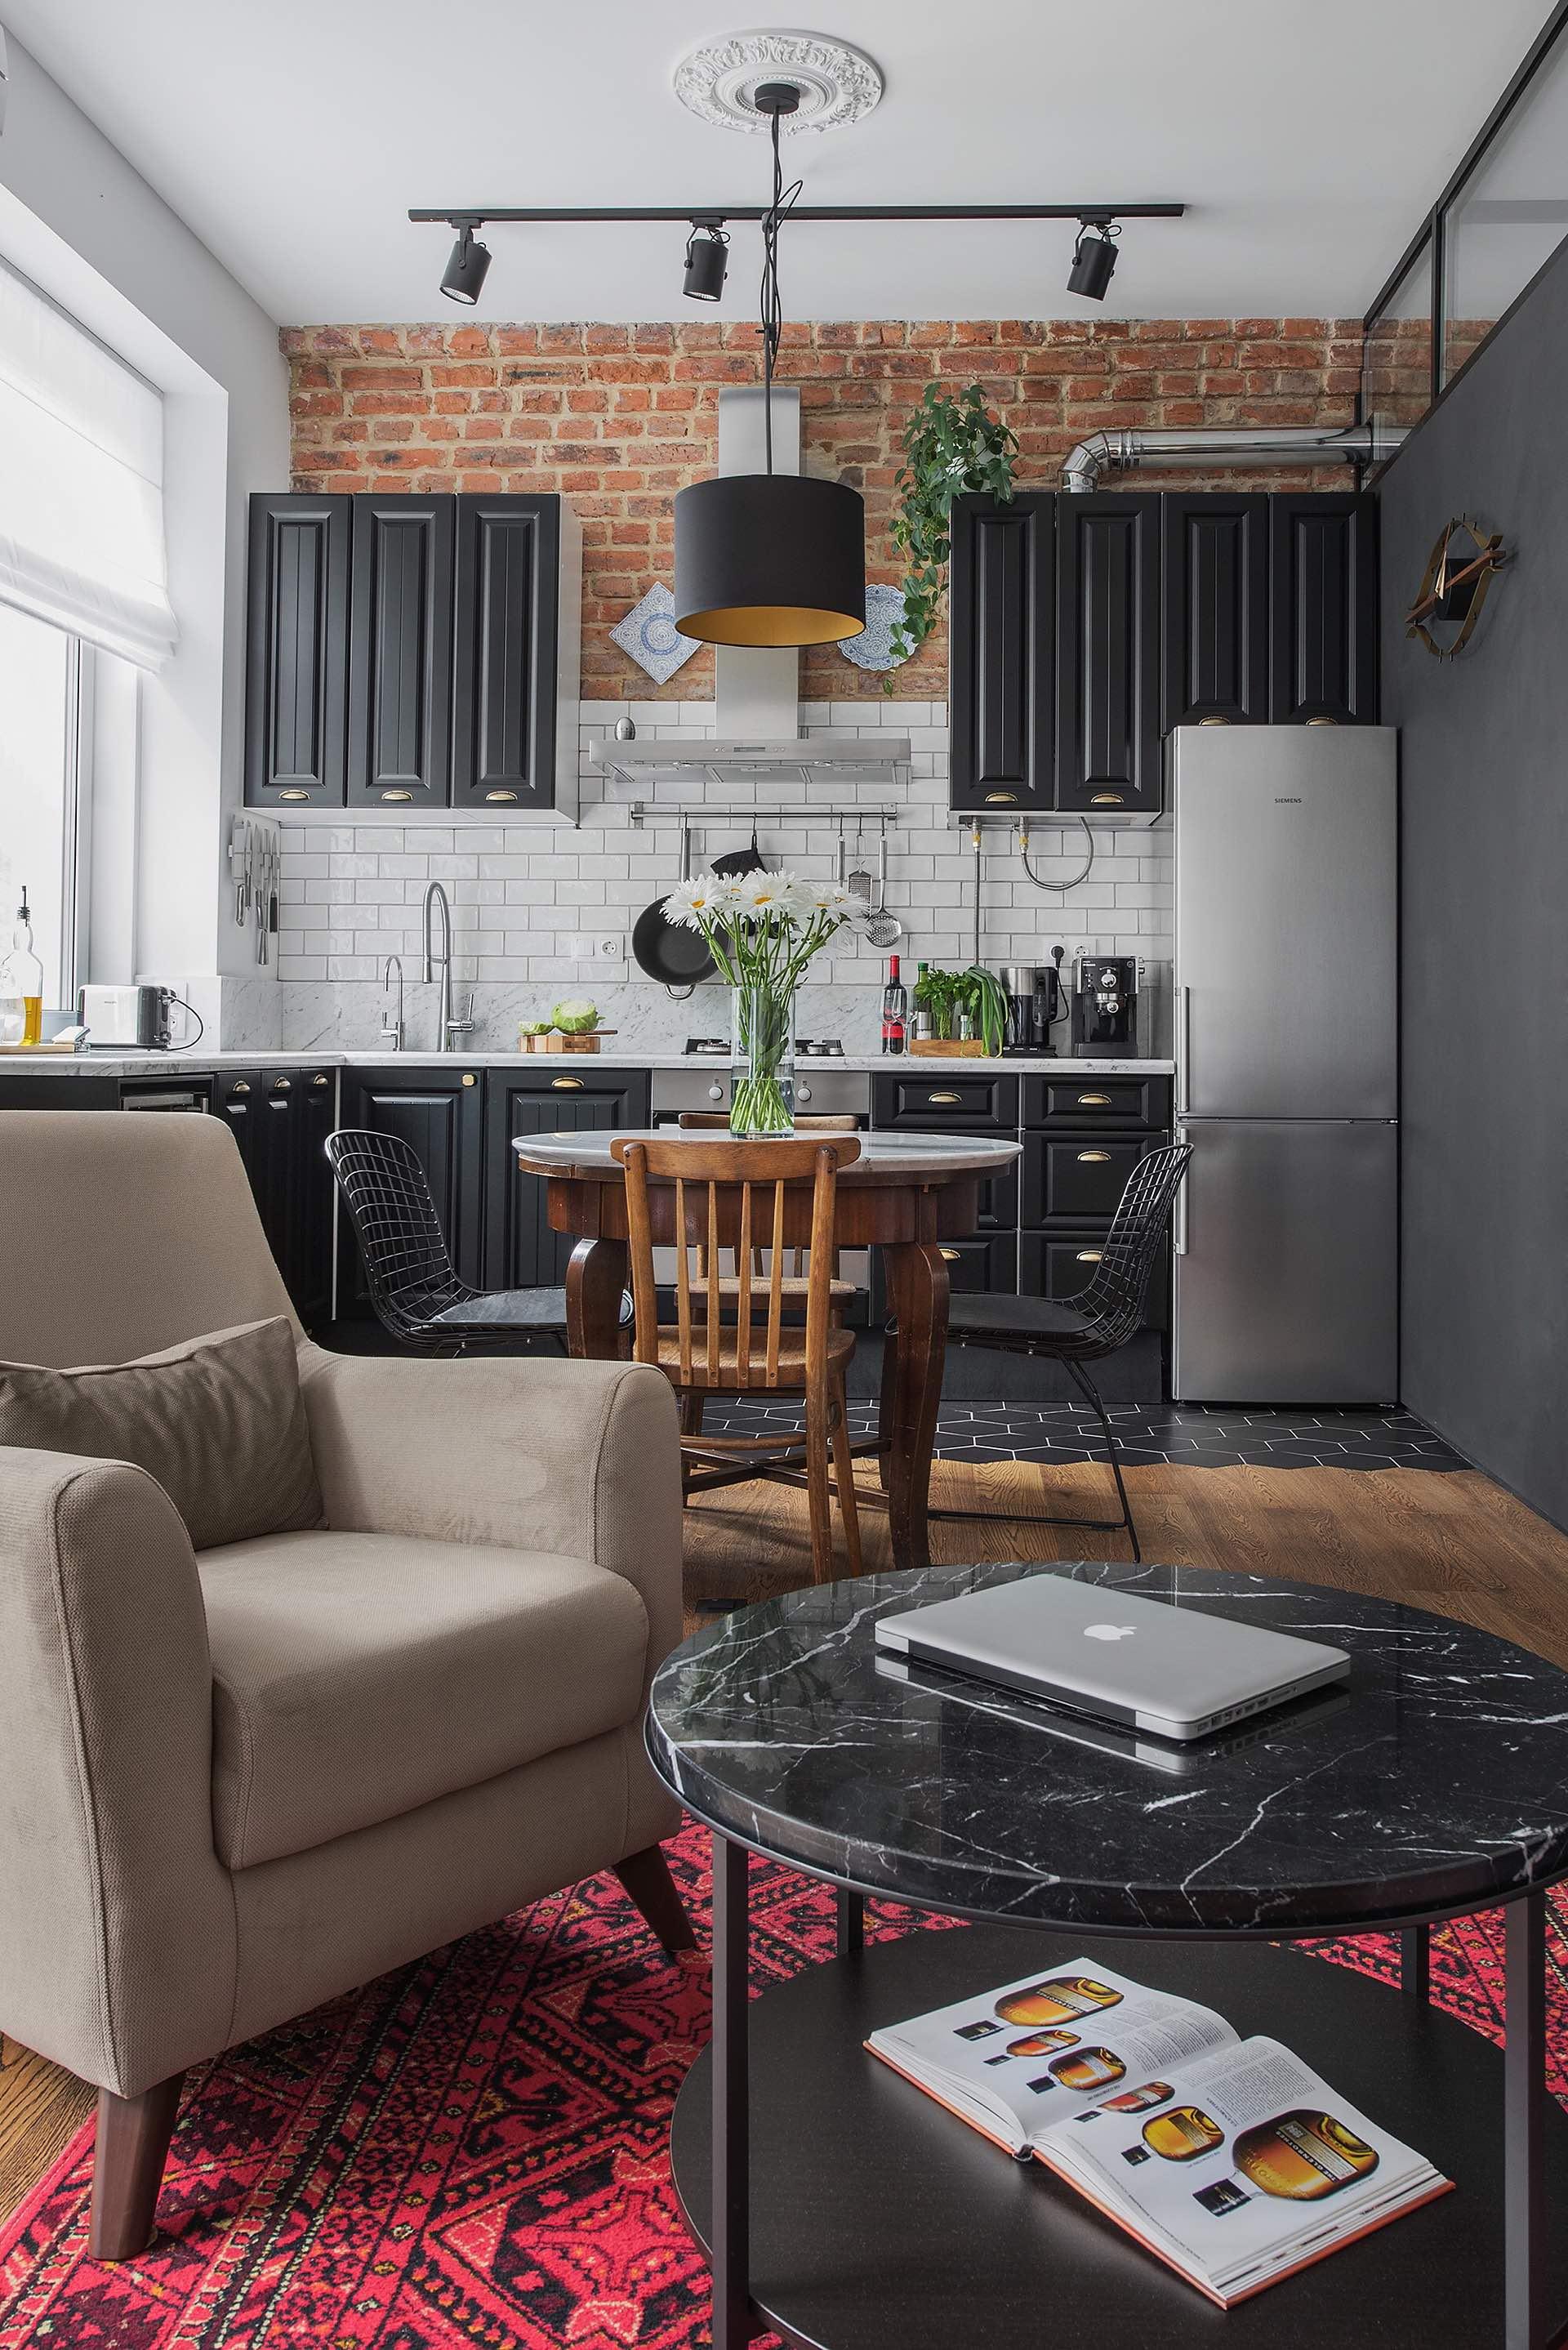 гостиная кухня кресло круглый журнальный столик